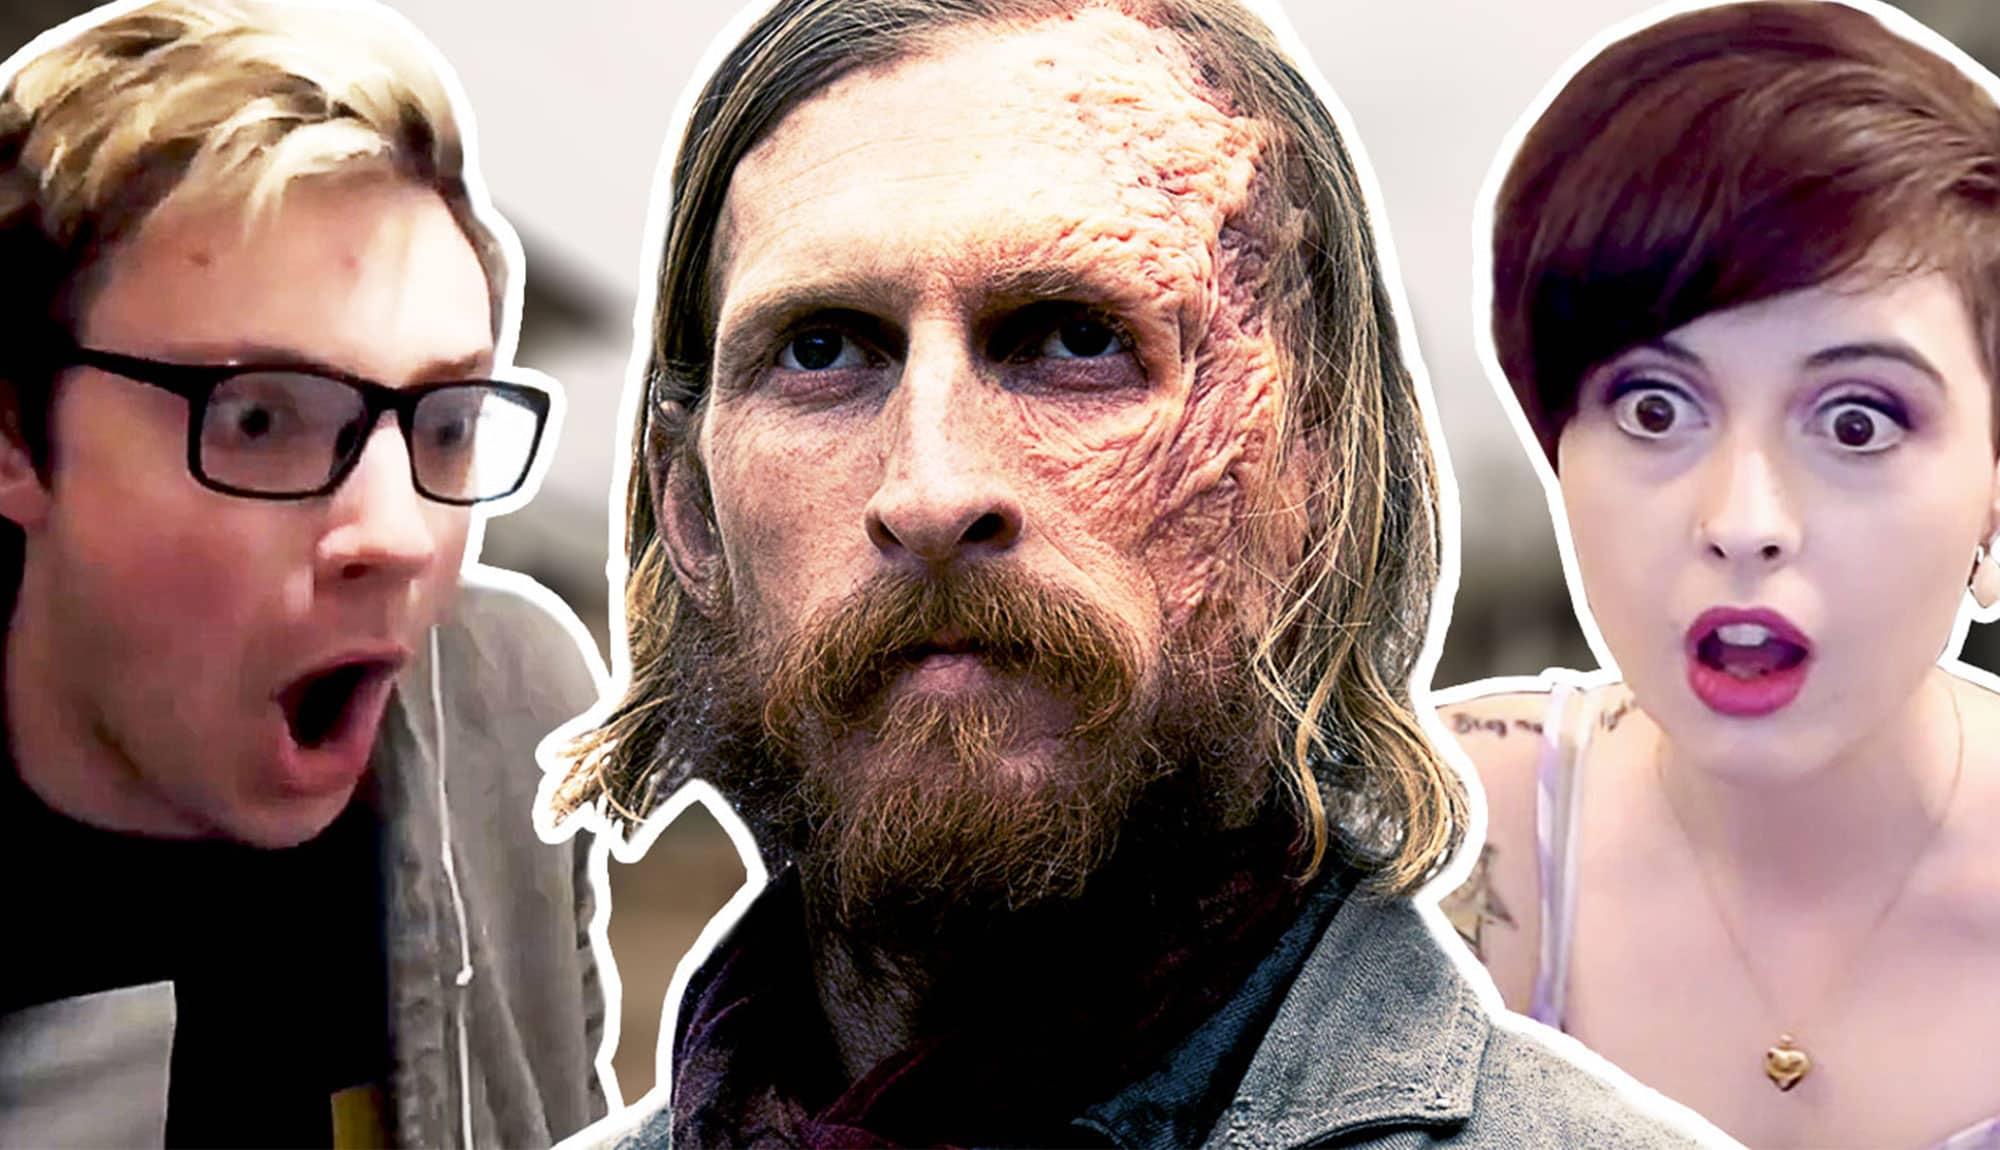 Fans React to Fear the Walking Dead Season 5 Episode 3